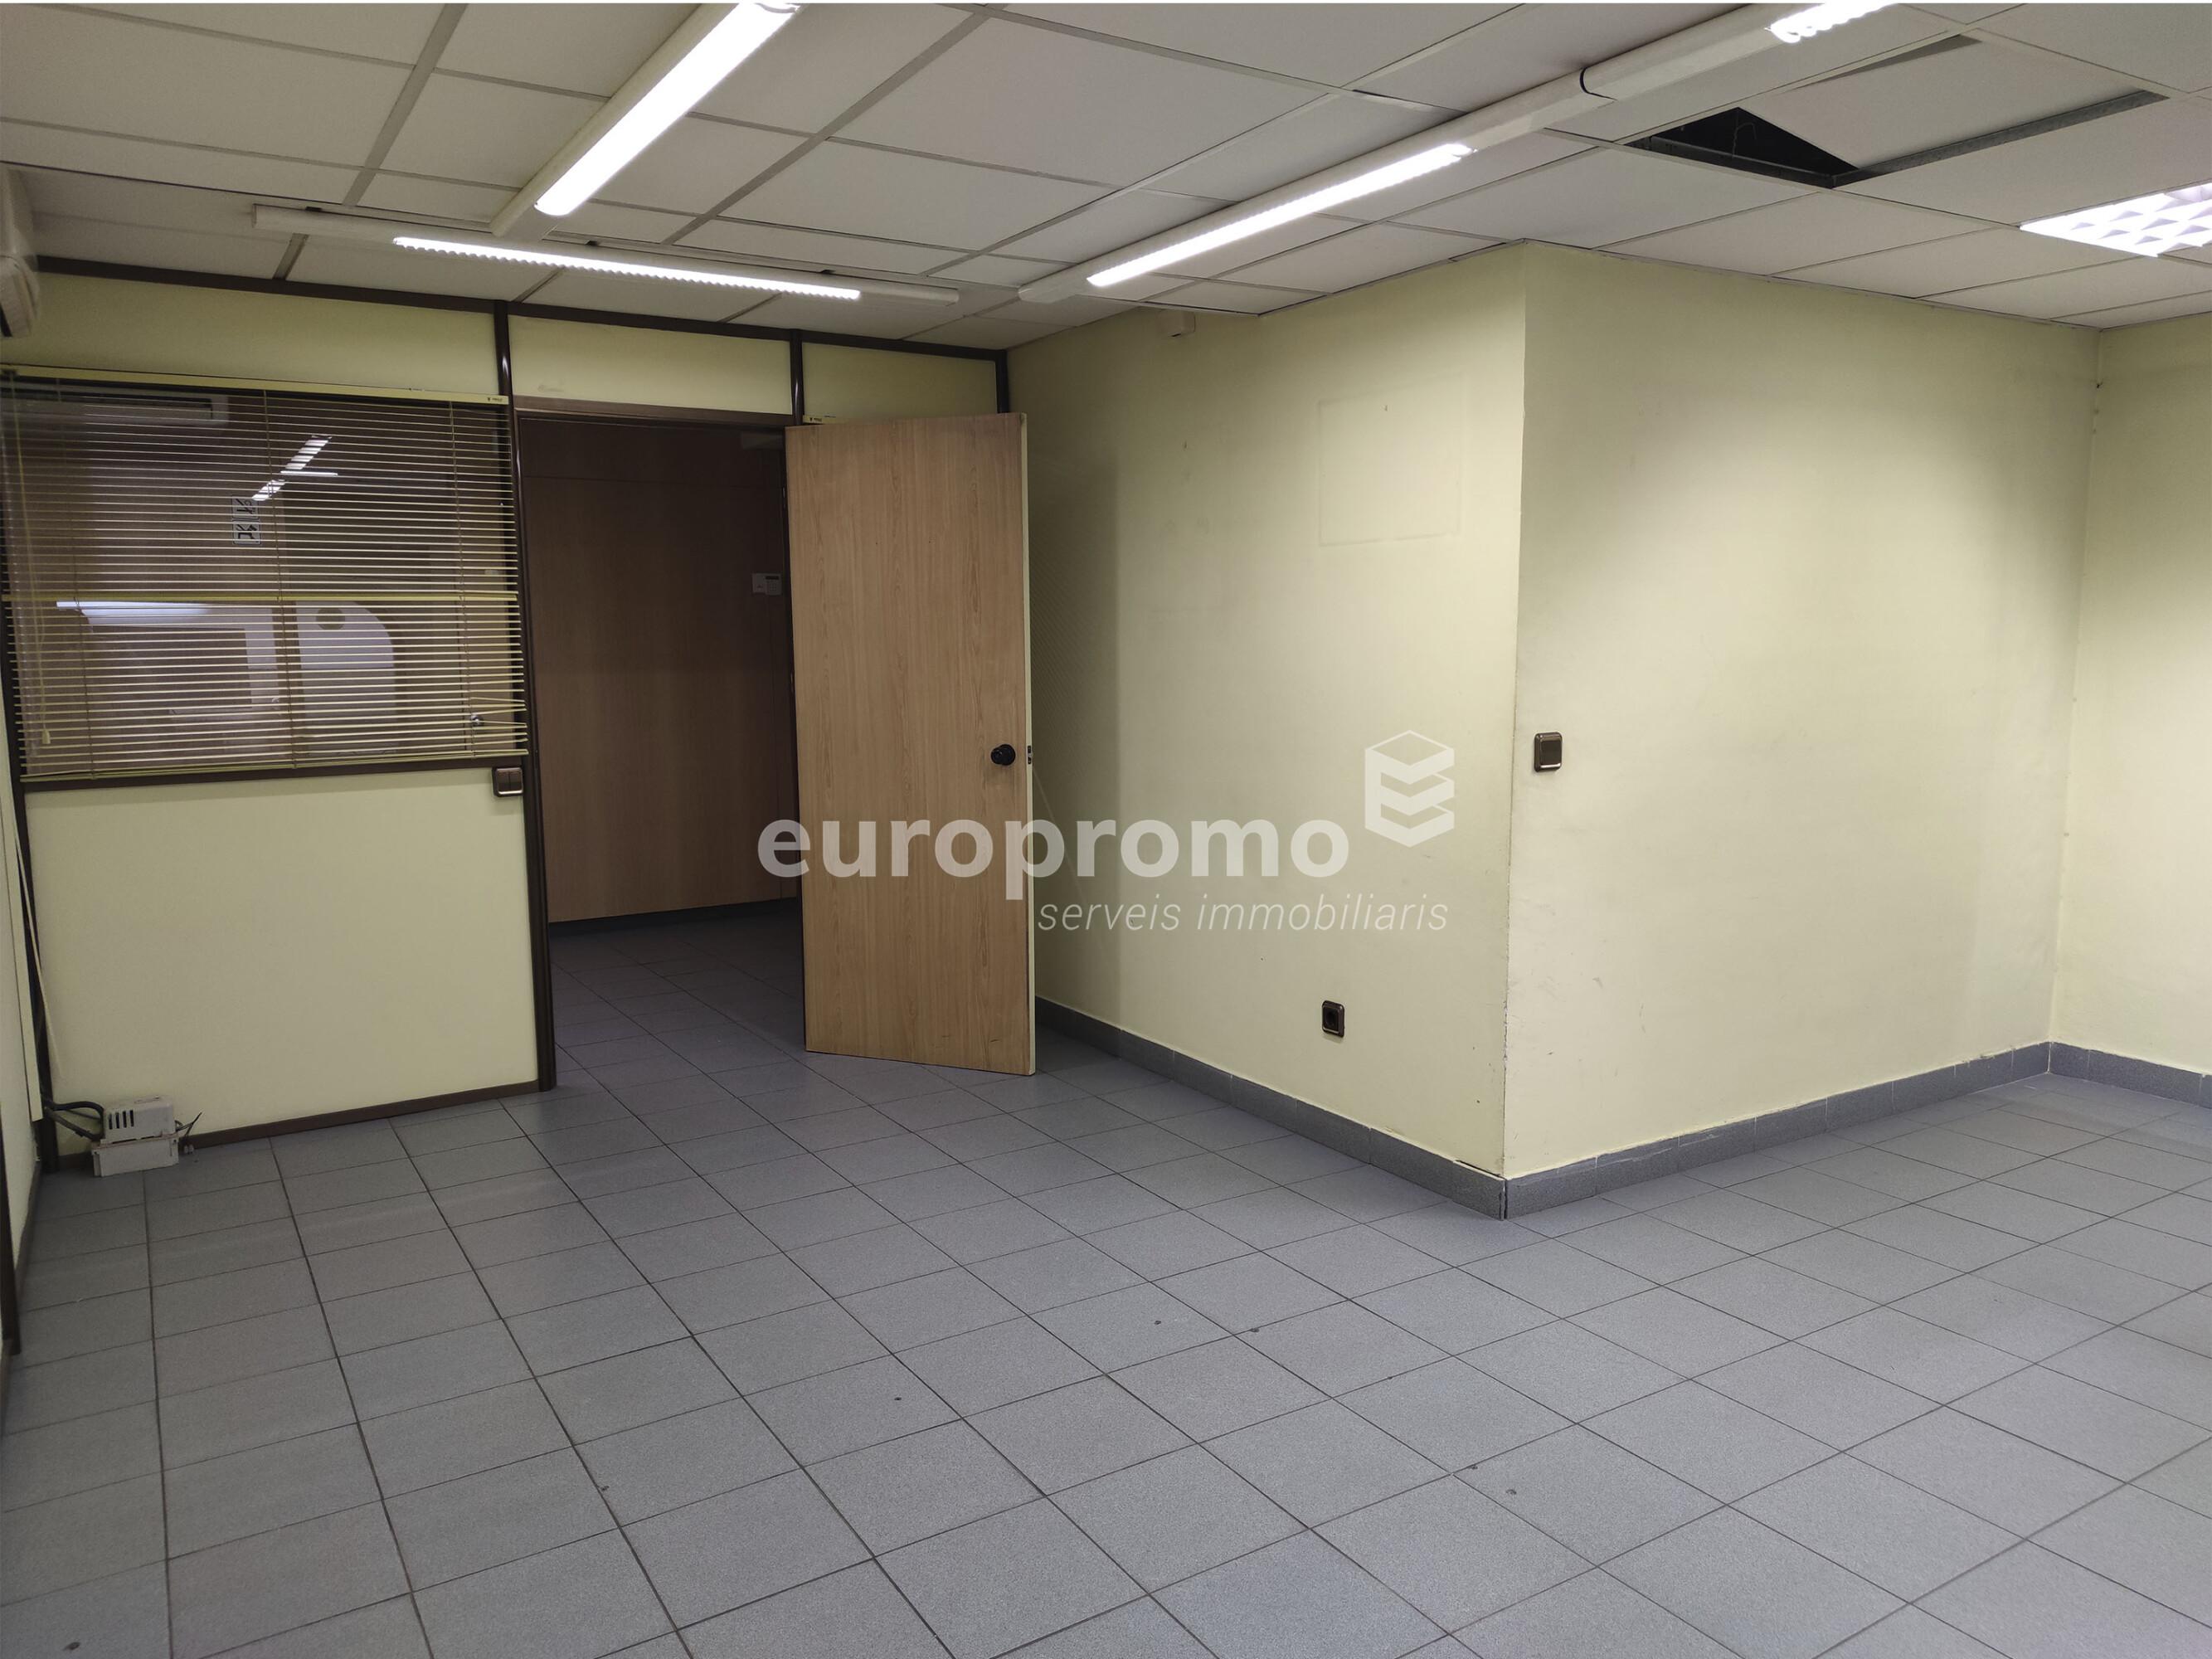 Fantàstica oficina de 130 m² al Carrer Nou de Girona!!